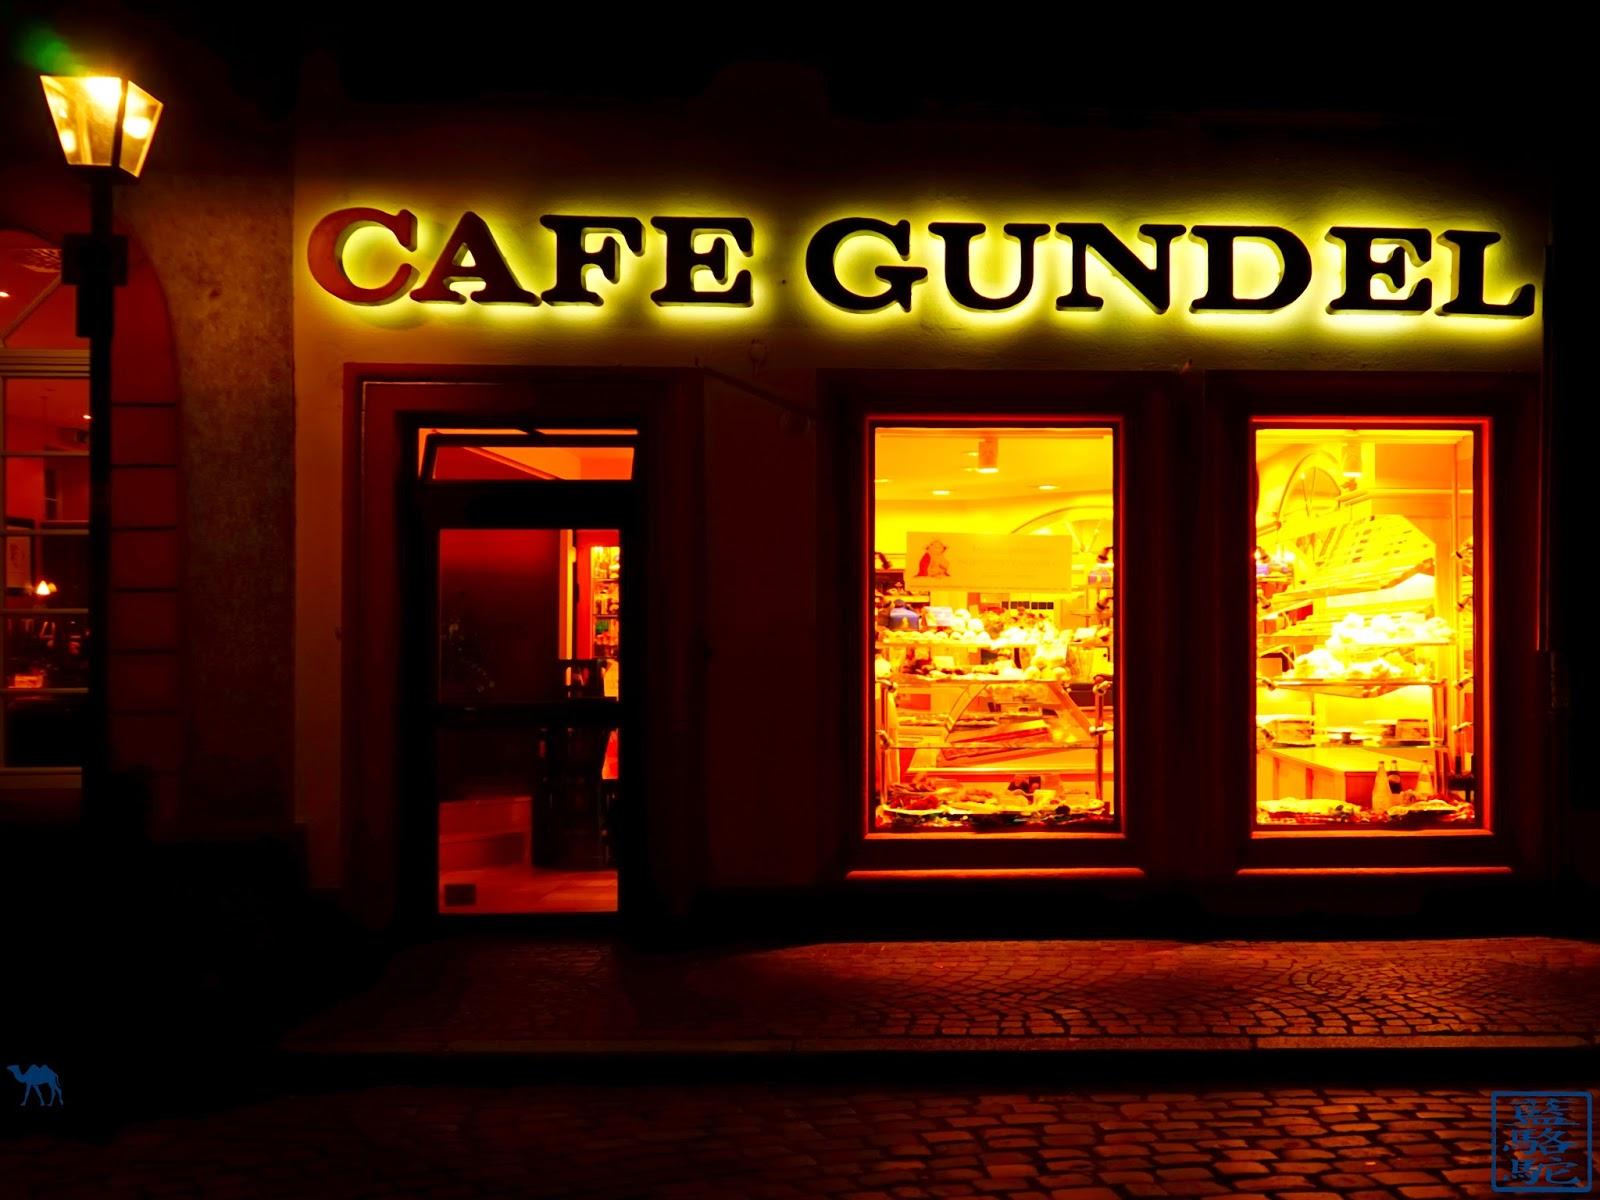 Le Chameau Bleu - Blog Voyage Heildeberg Allemagne - Café Gundel - Heidelberg